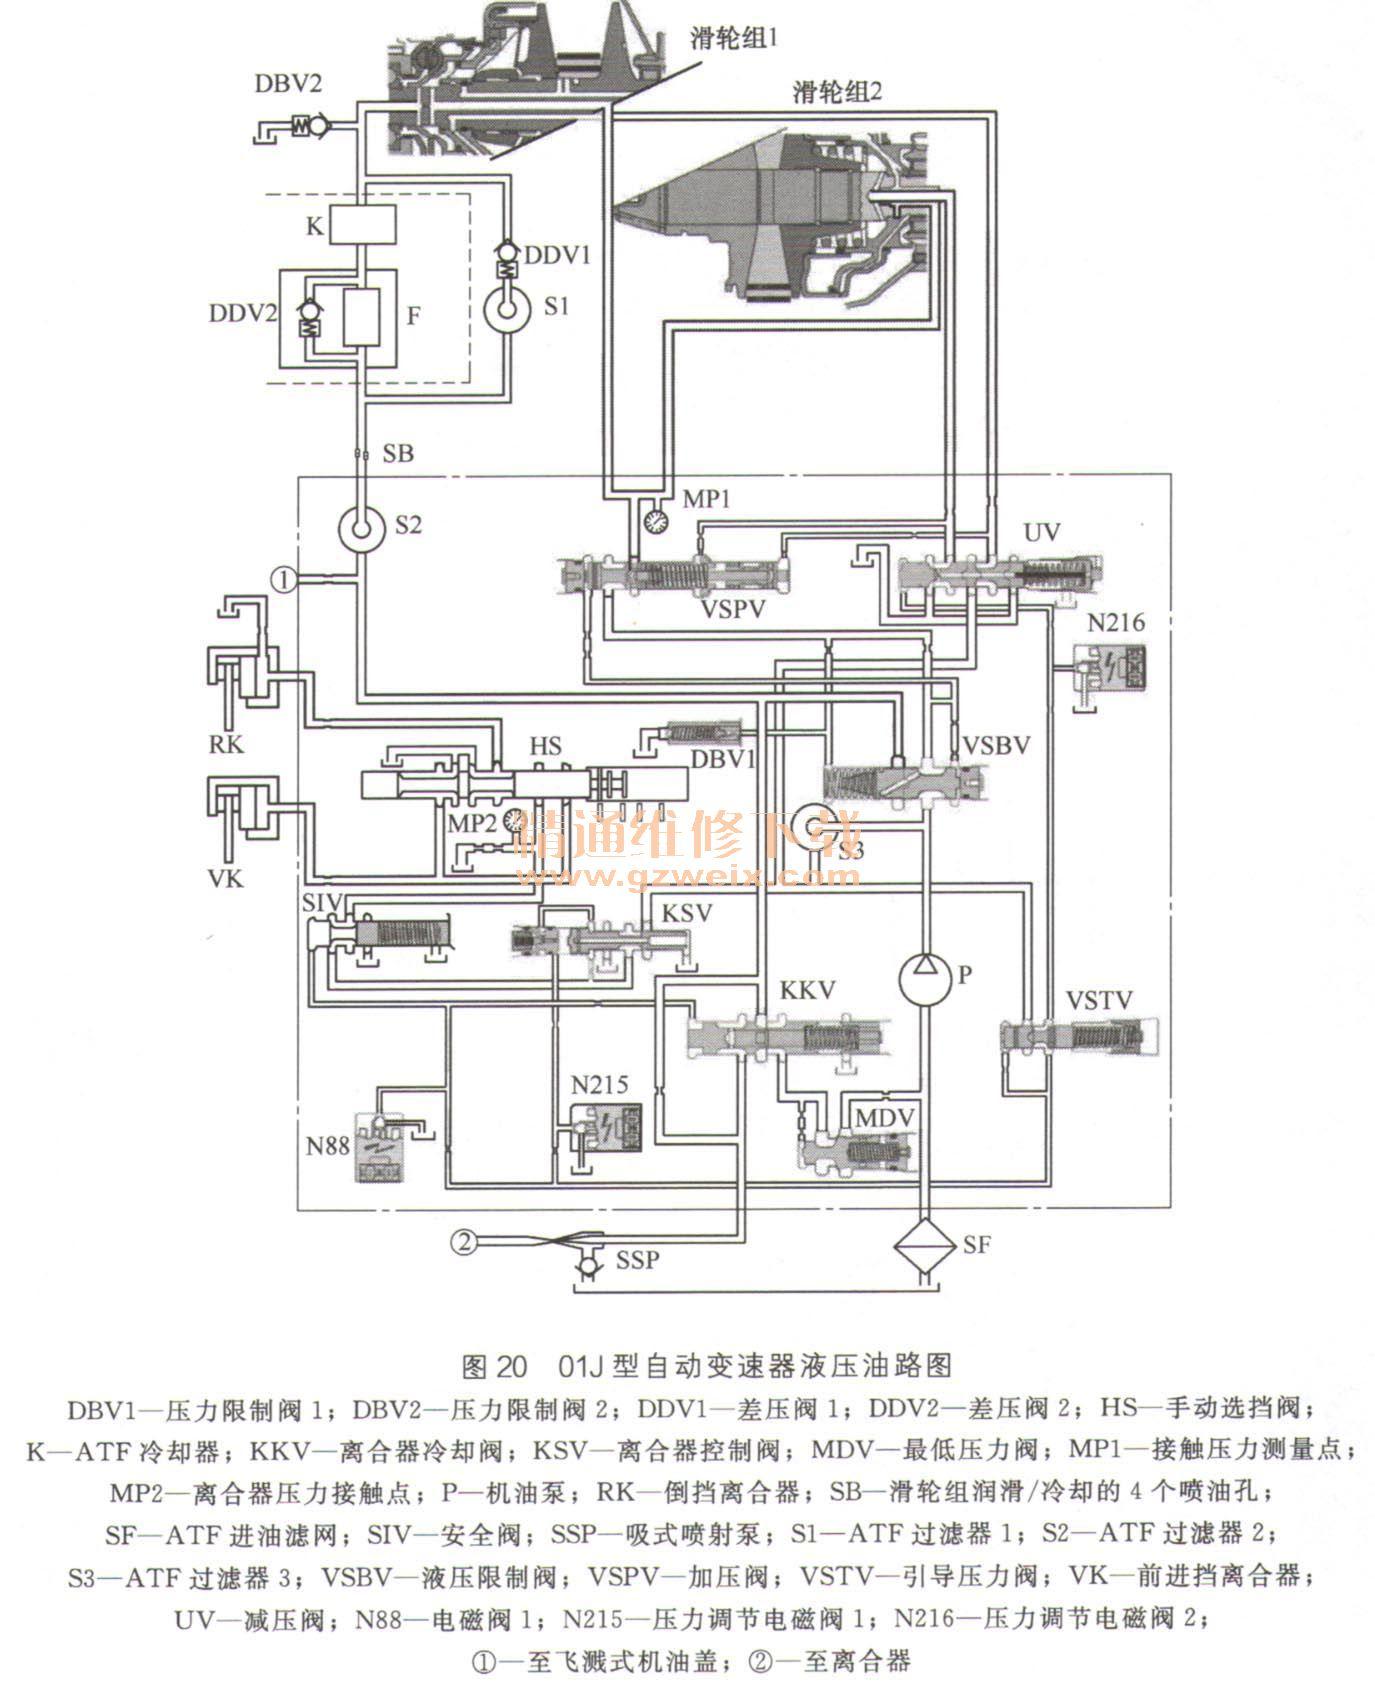 详解奥迪车系自动变速器结构特点及检修要点